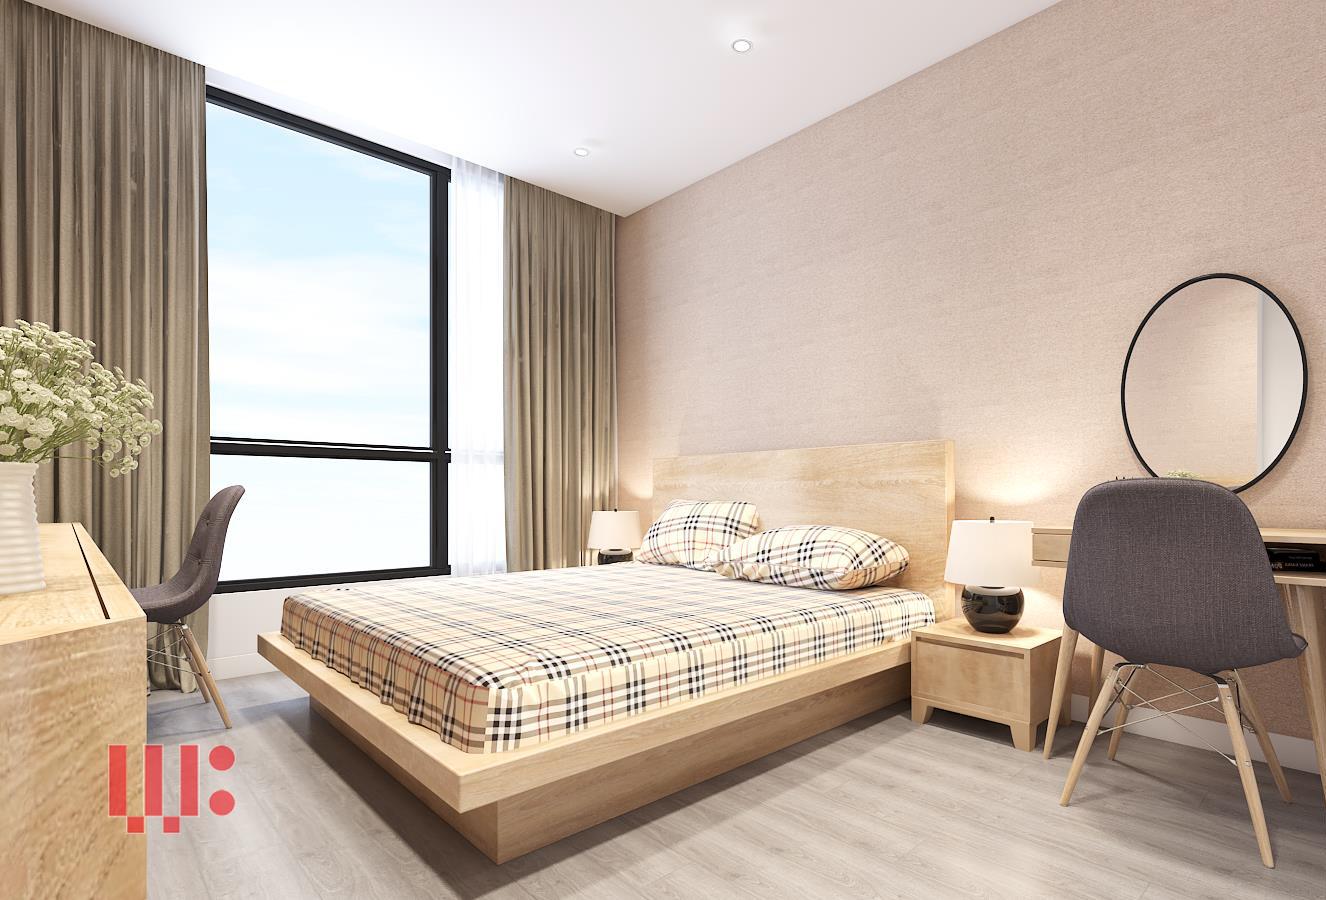 Phòng ngủ thiết kế nội thất hài hòa, tiện nghi, có kết hợp thêm tủ quần áo, bàn làm việc, kệ trang trí trong phòng giúp bạn làm việc trực tiếp ở trong phòng ngủ.